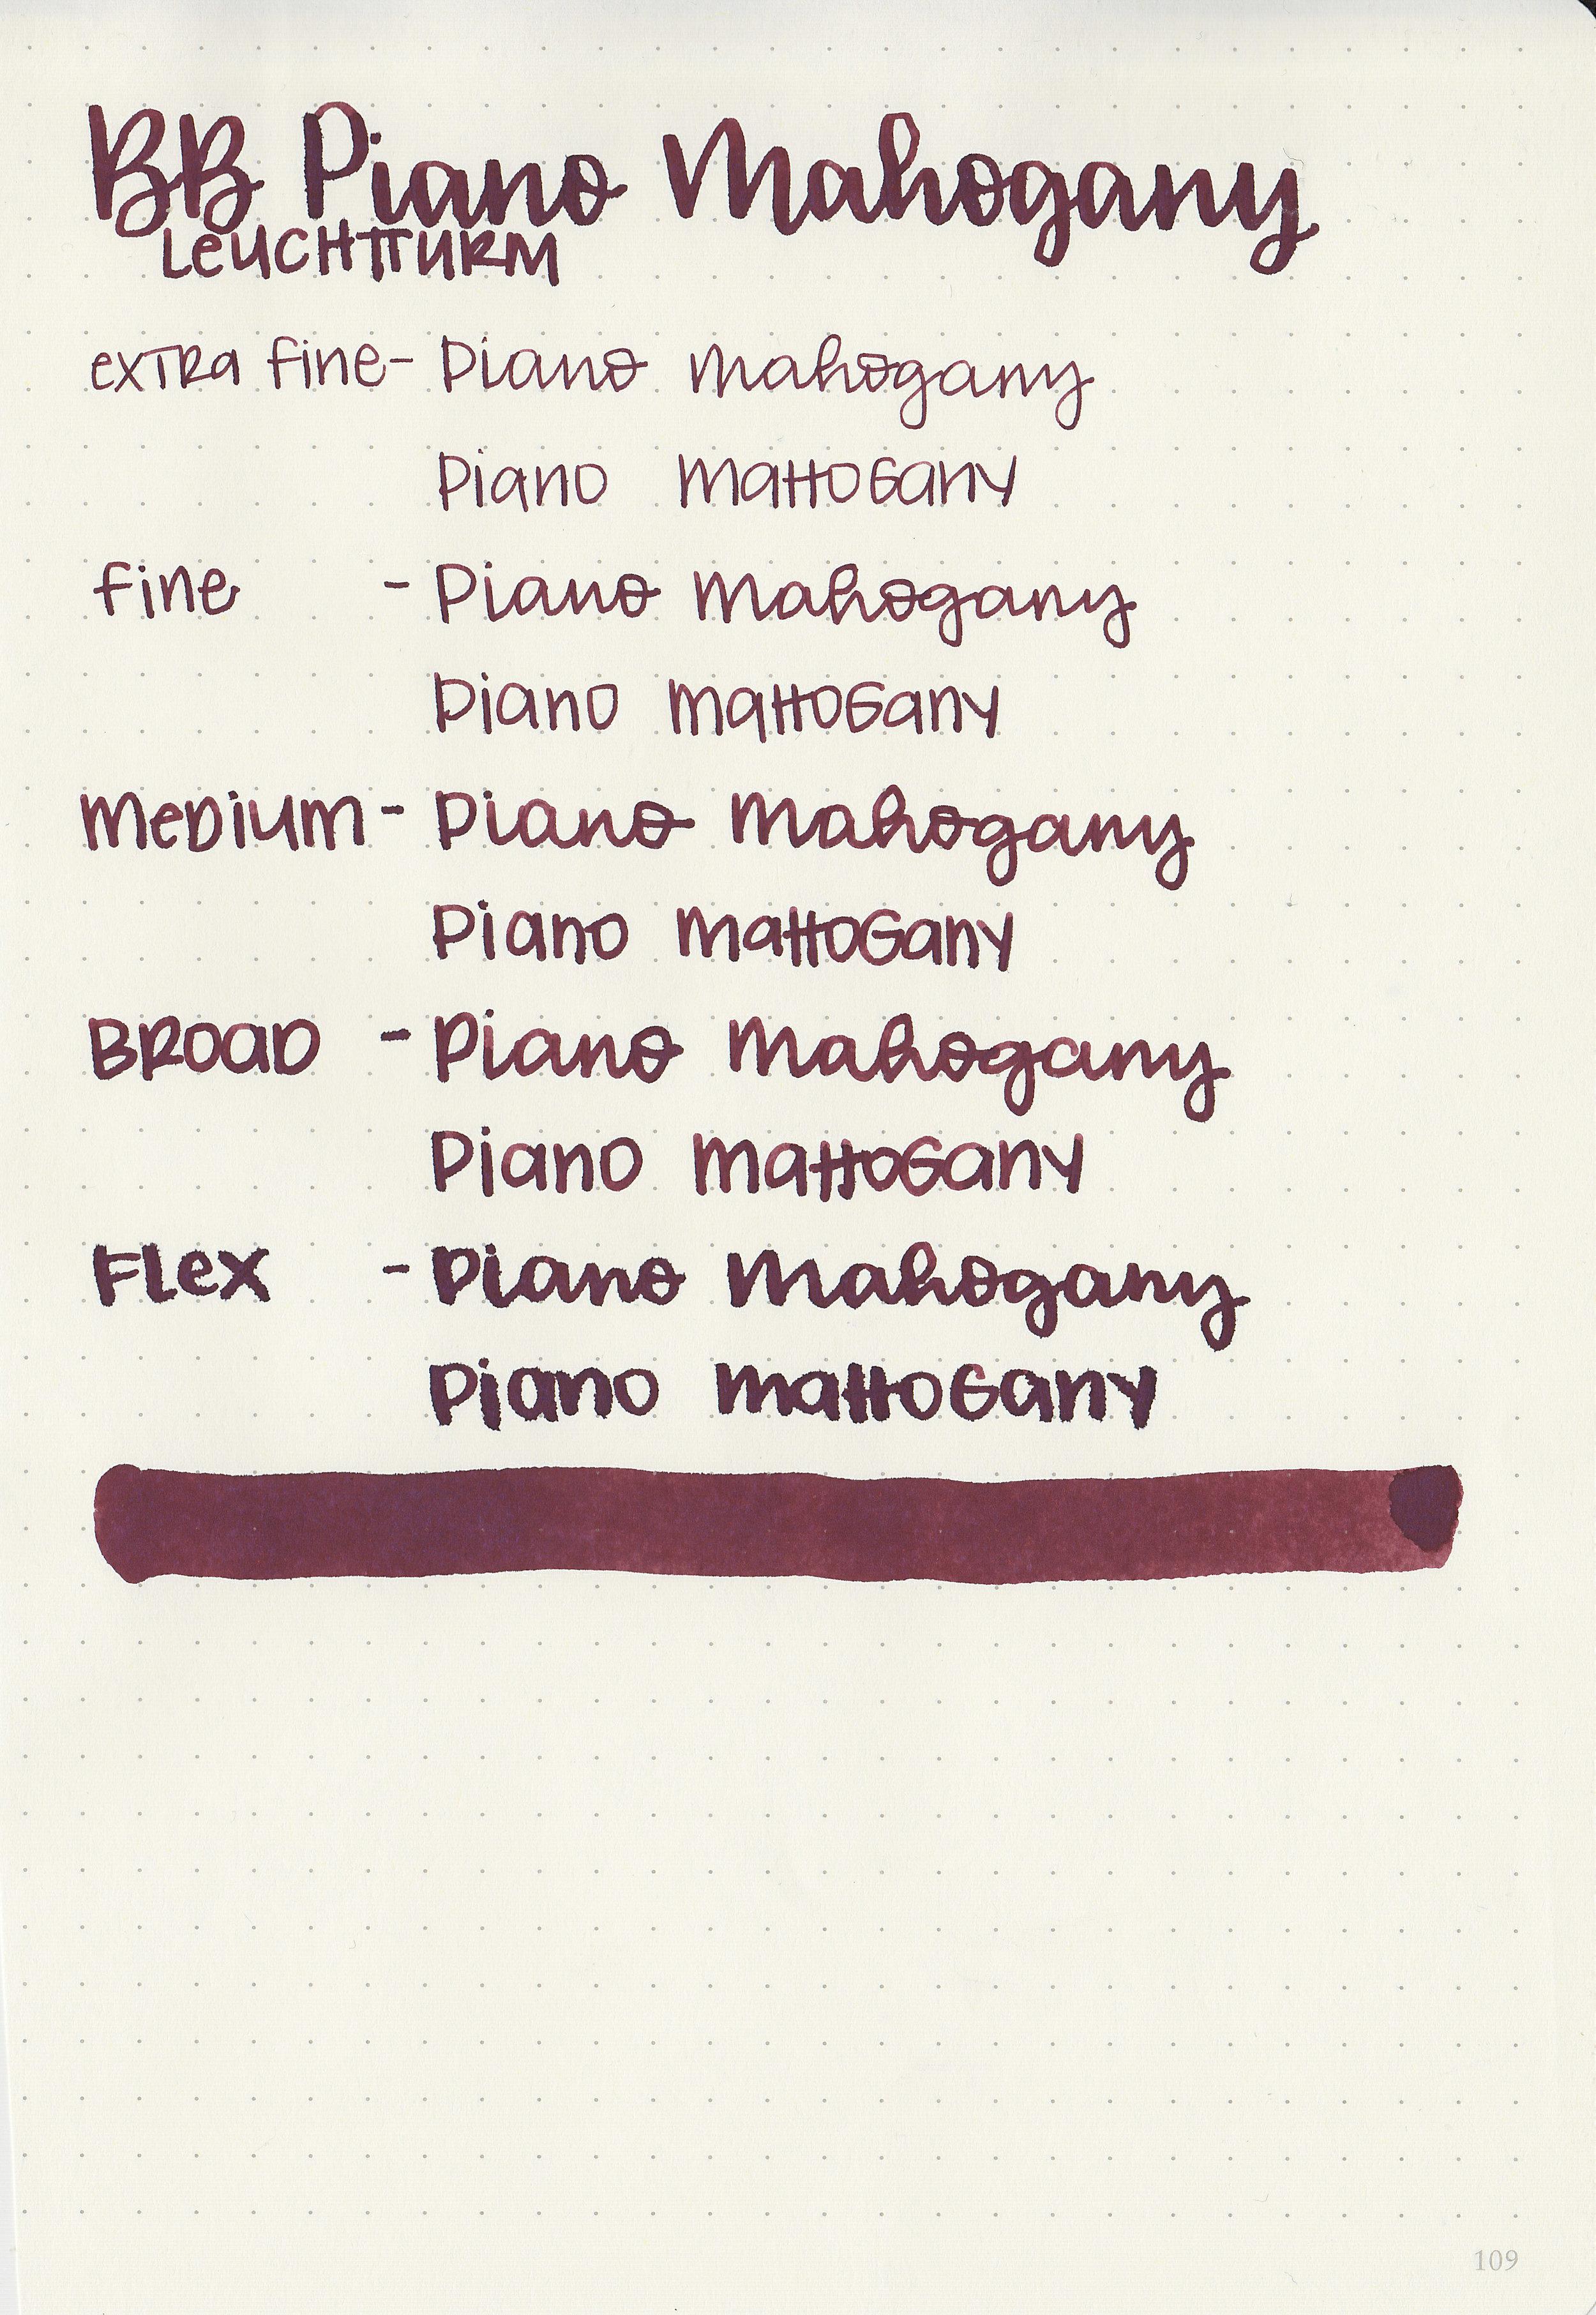 bb-piano-mahogany-11.jpg